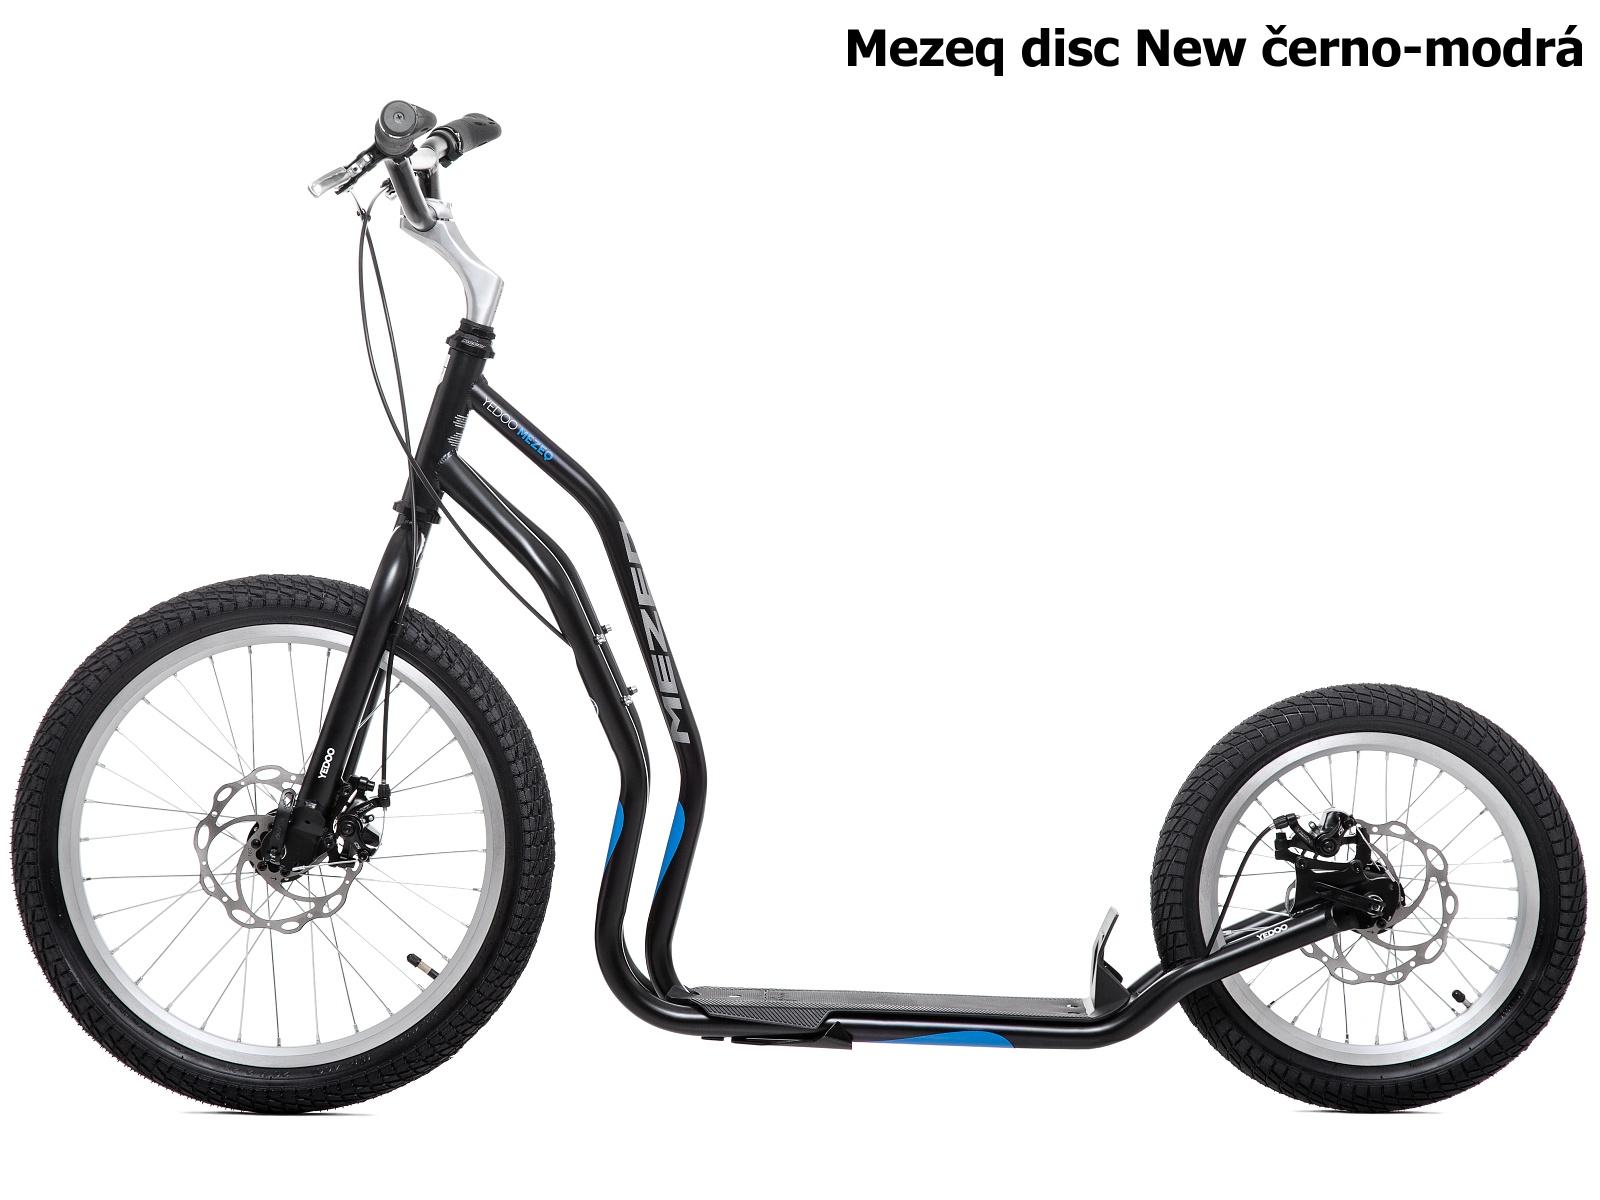 Koloběžka YEDOO Mezeq disc New 20-16 černo-modrá